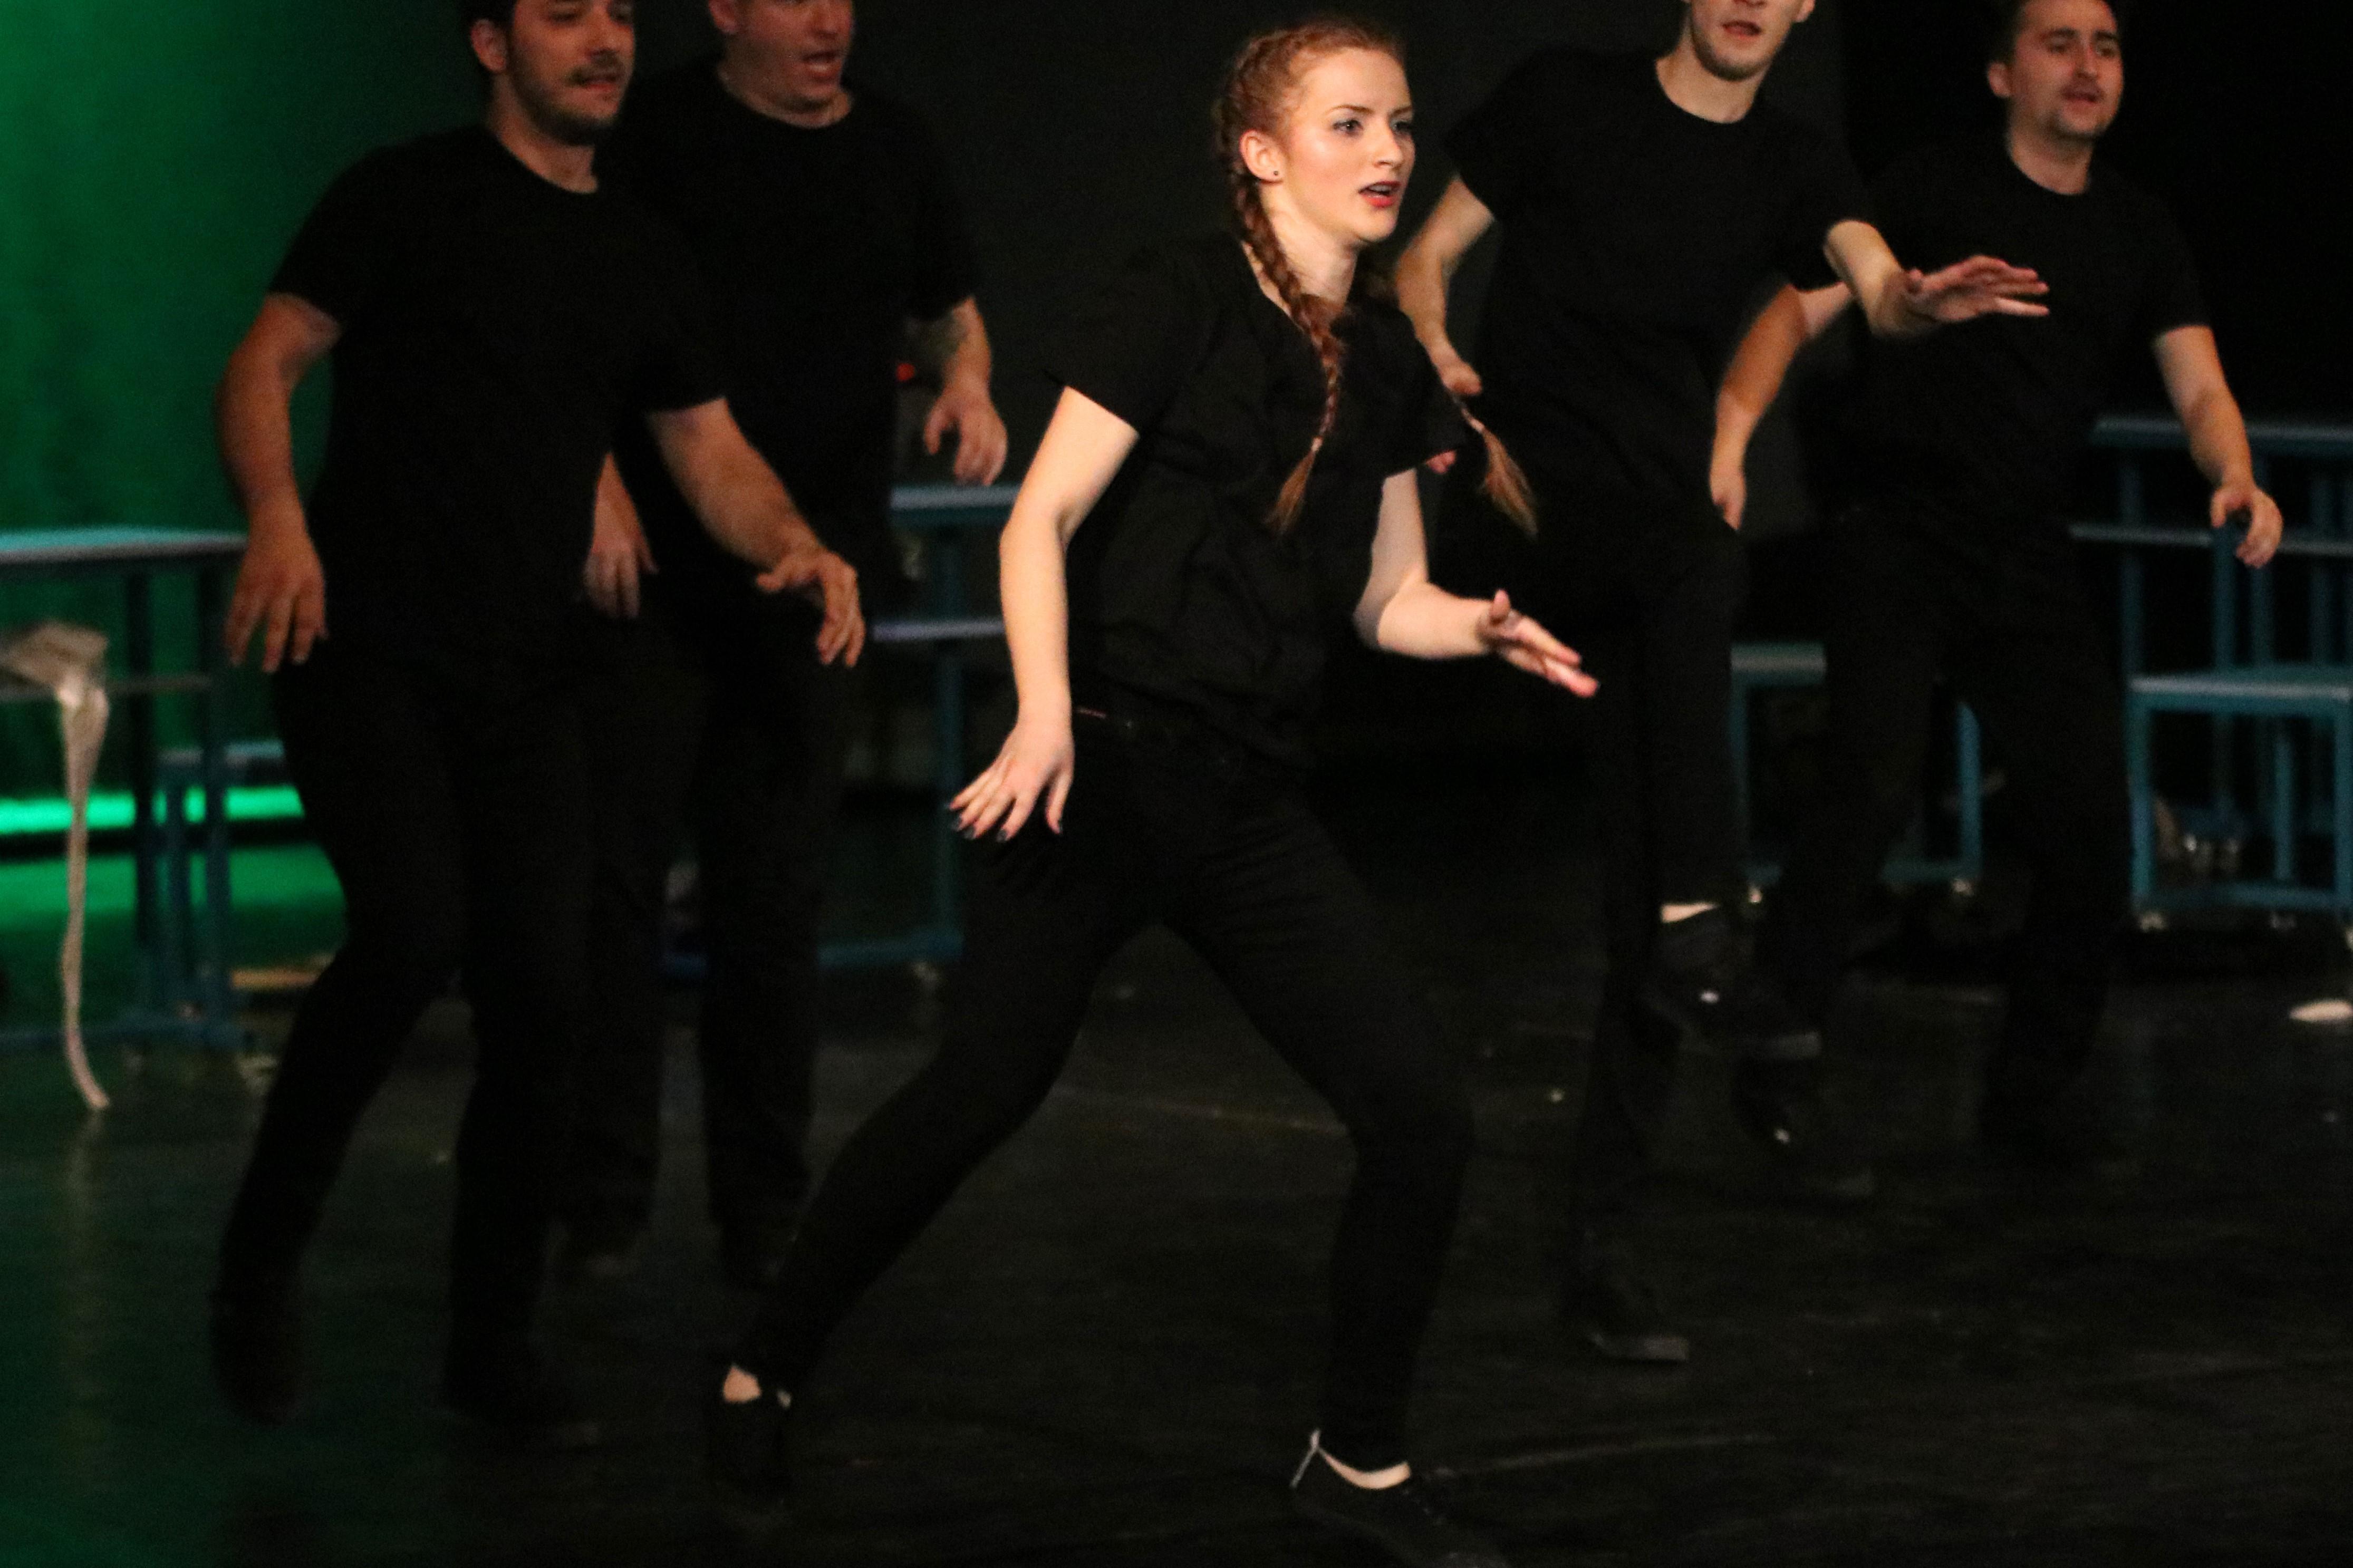 Amelia Toaxen30